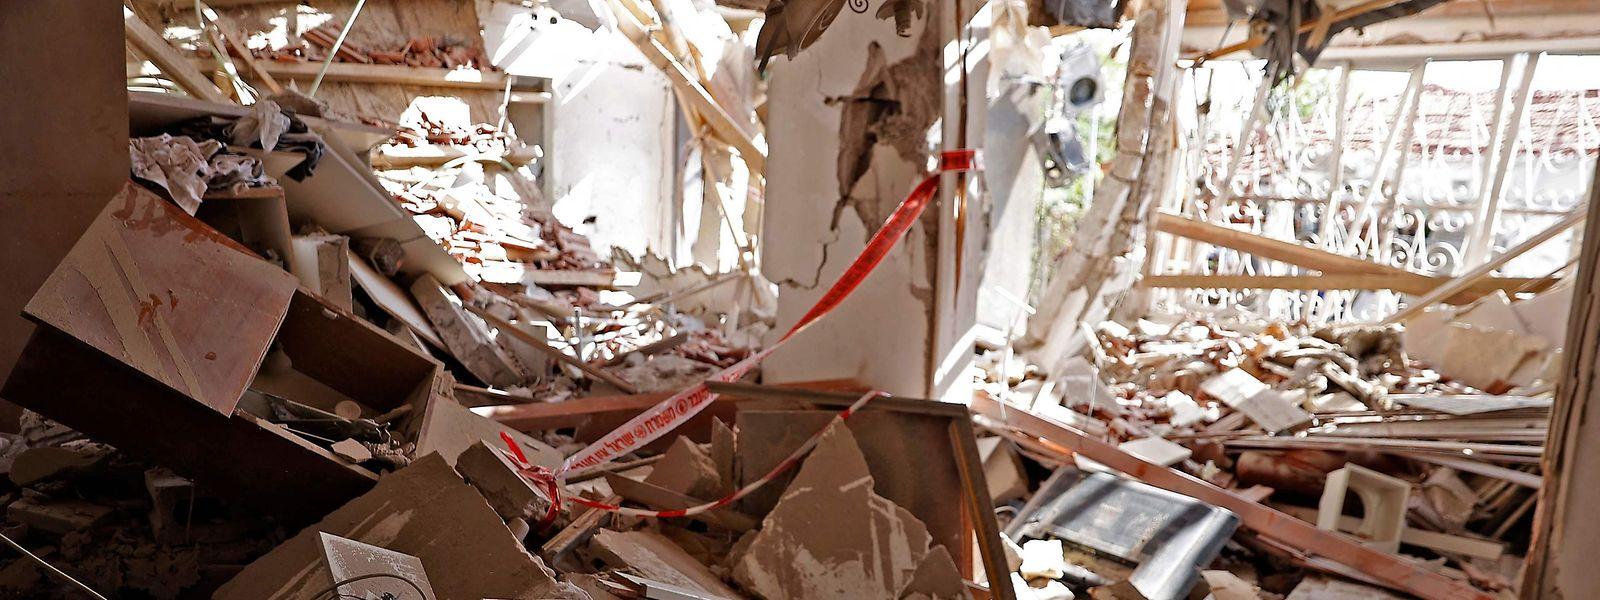 In der südisraelischen Stadt Ashkelon haben Raketen der Hamas ein Haus völlig zerstört.